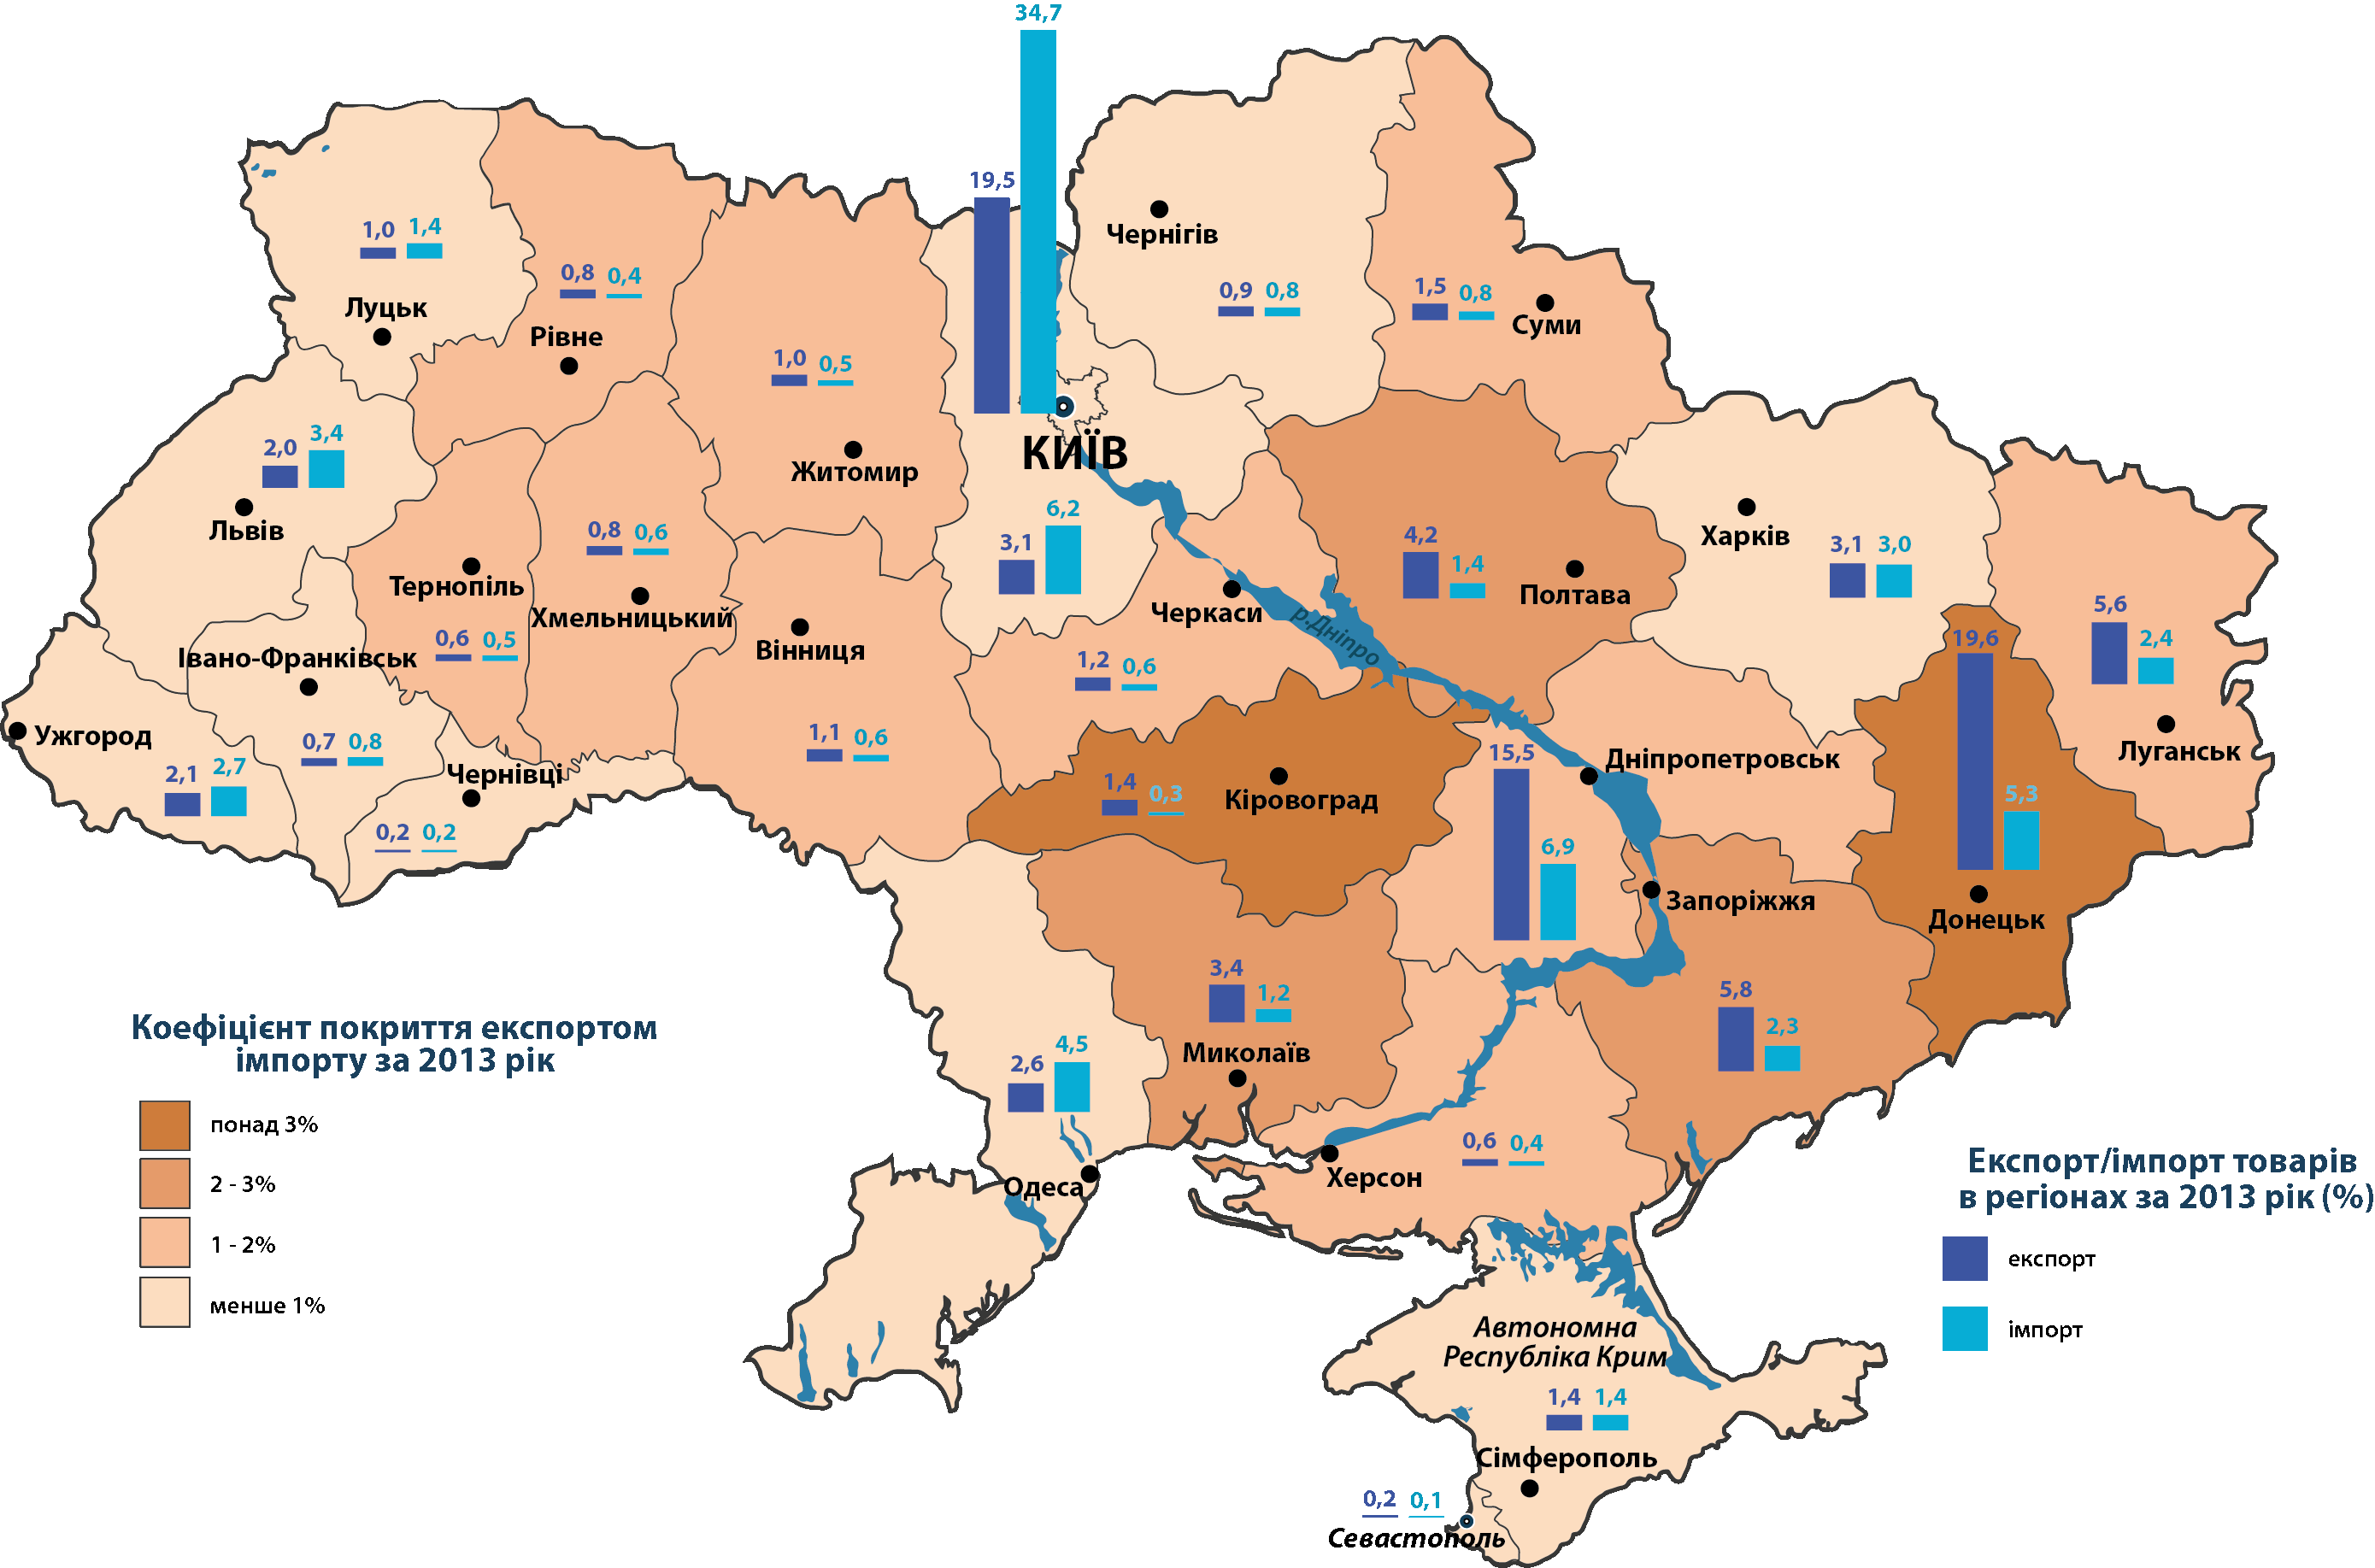 Экспорт/импорт товаров в Украине по областям